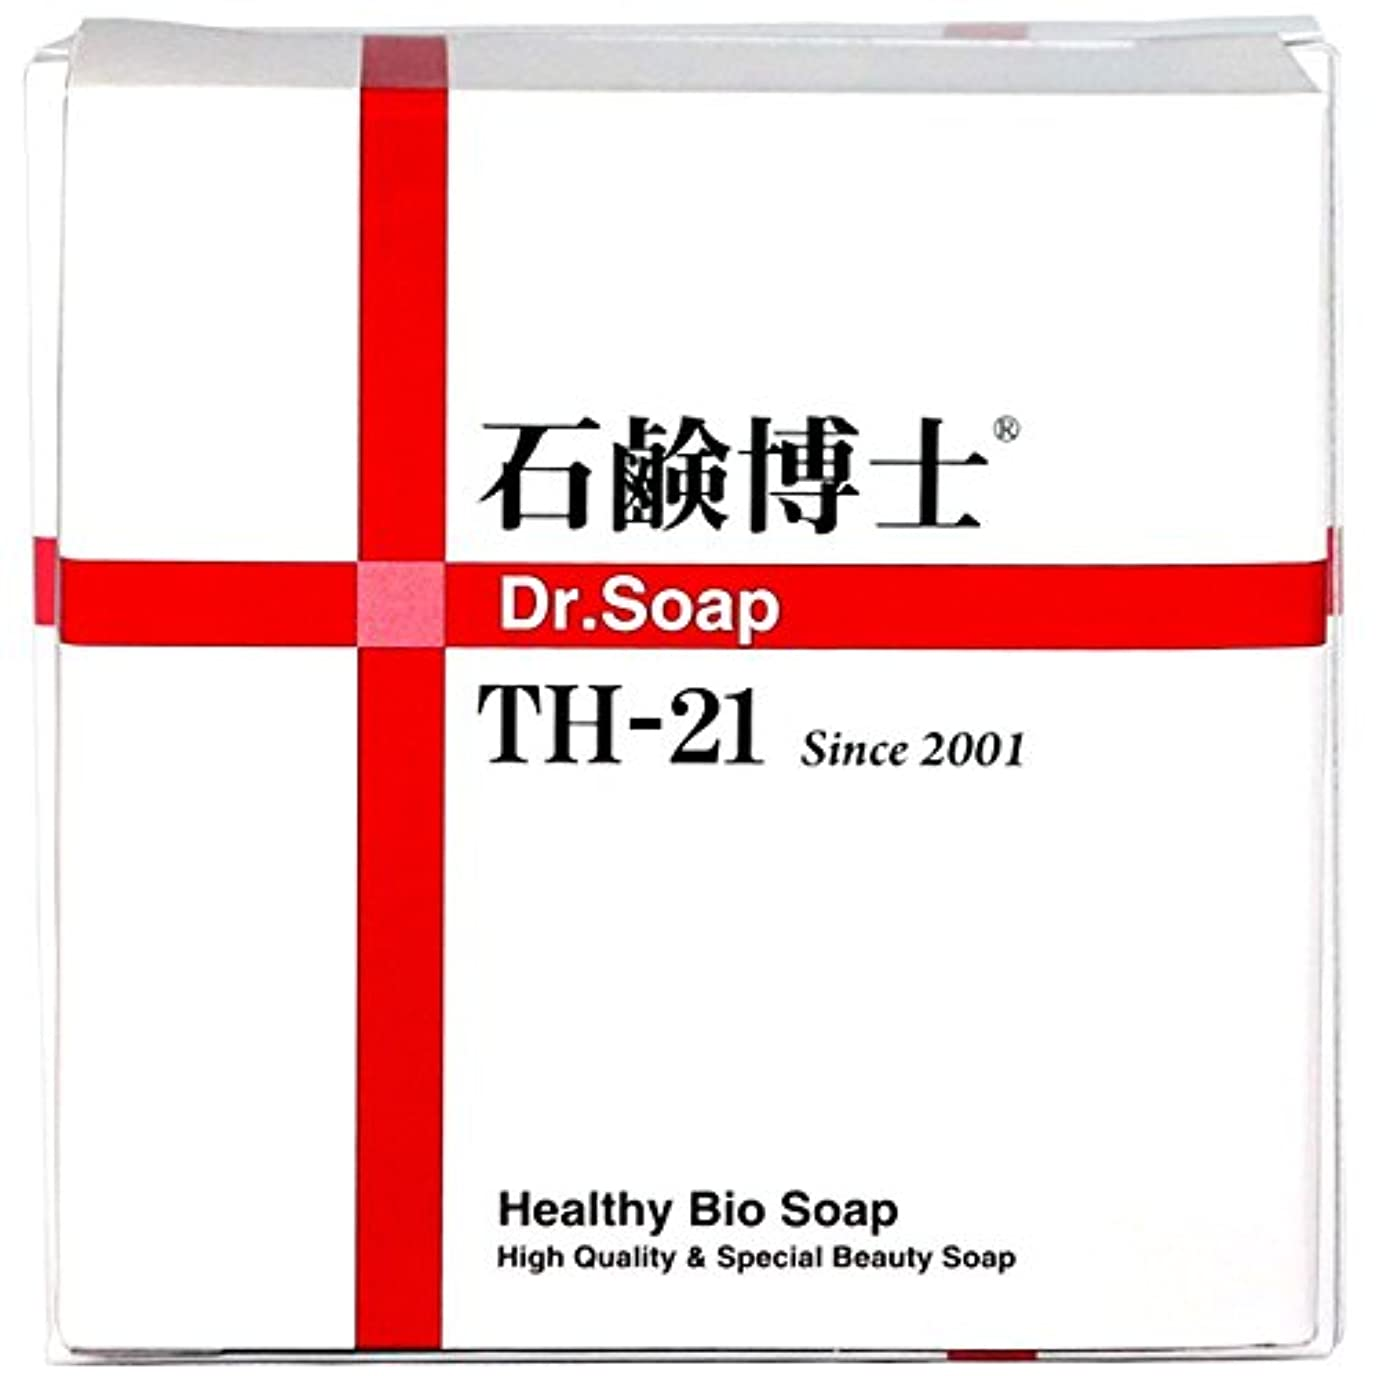 価格考古学代わりにミネラルと分解酵素で洗顔しながらスキンケア 石鹸博士 DRソープ石鹸 Dr.Soap TH-21 100g